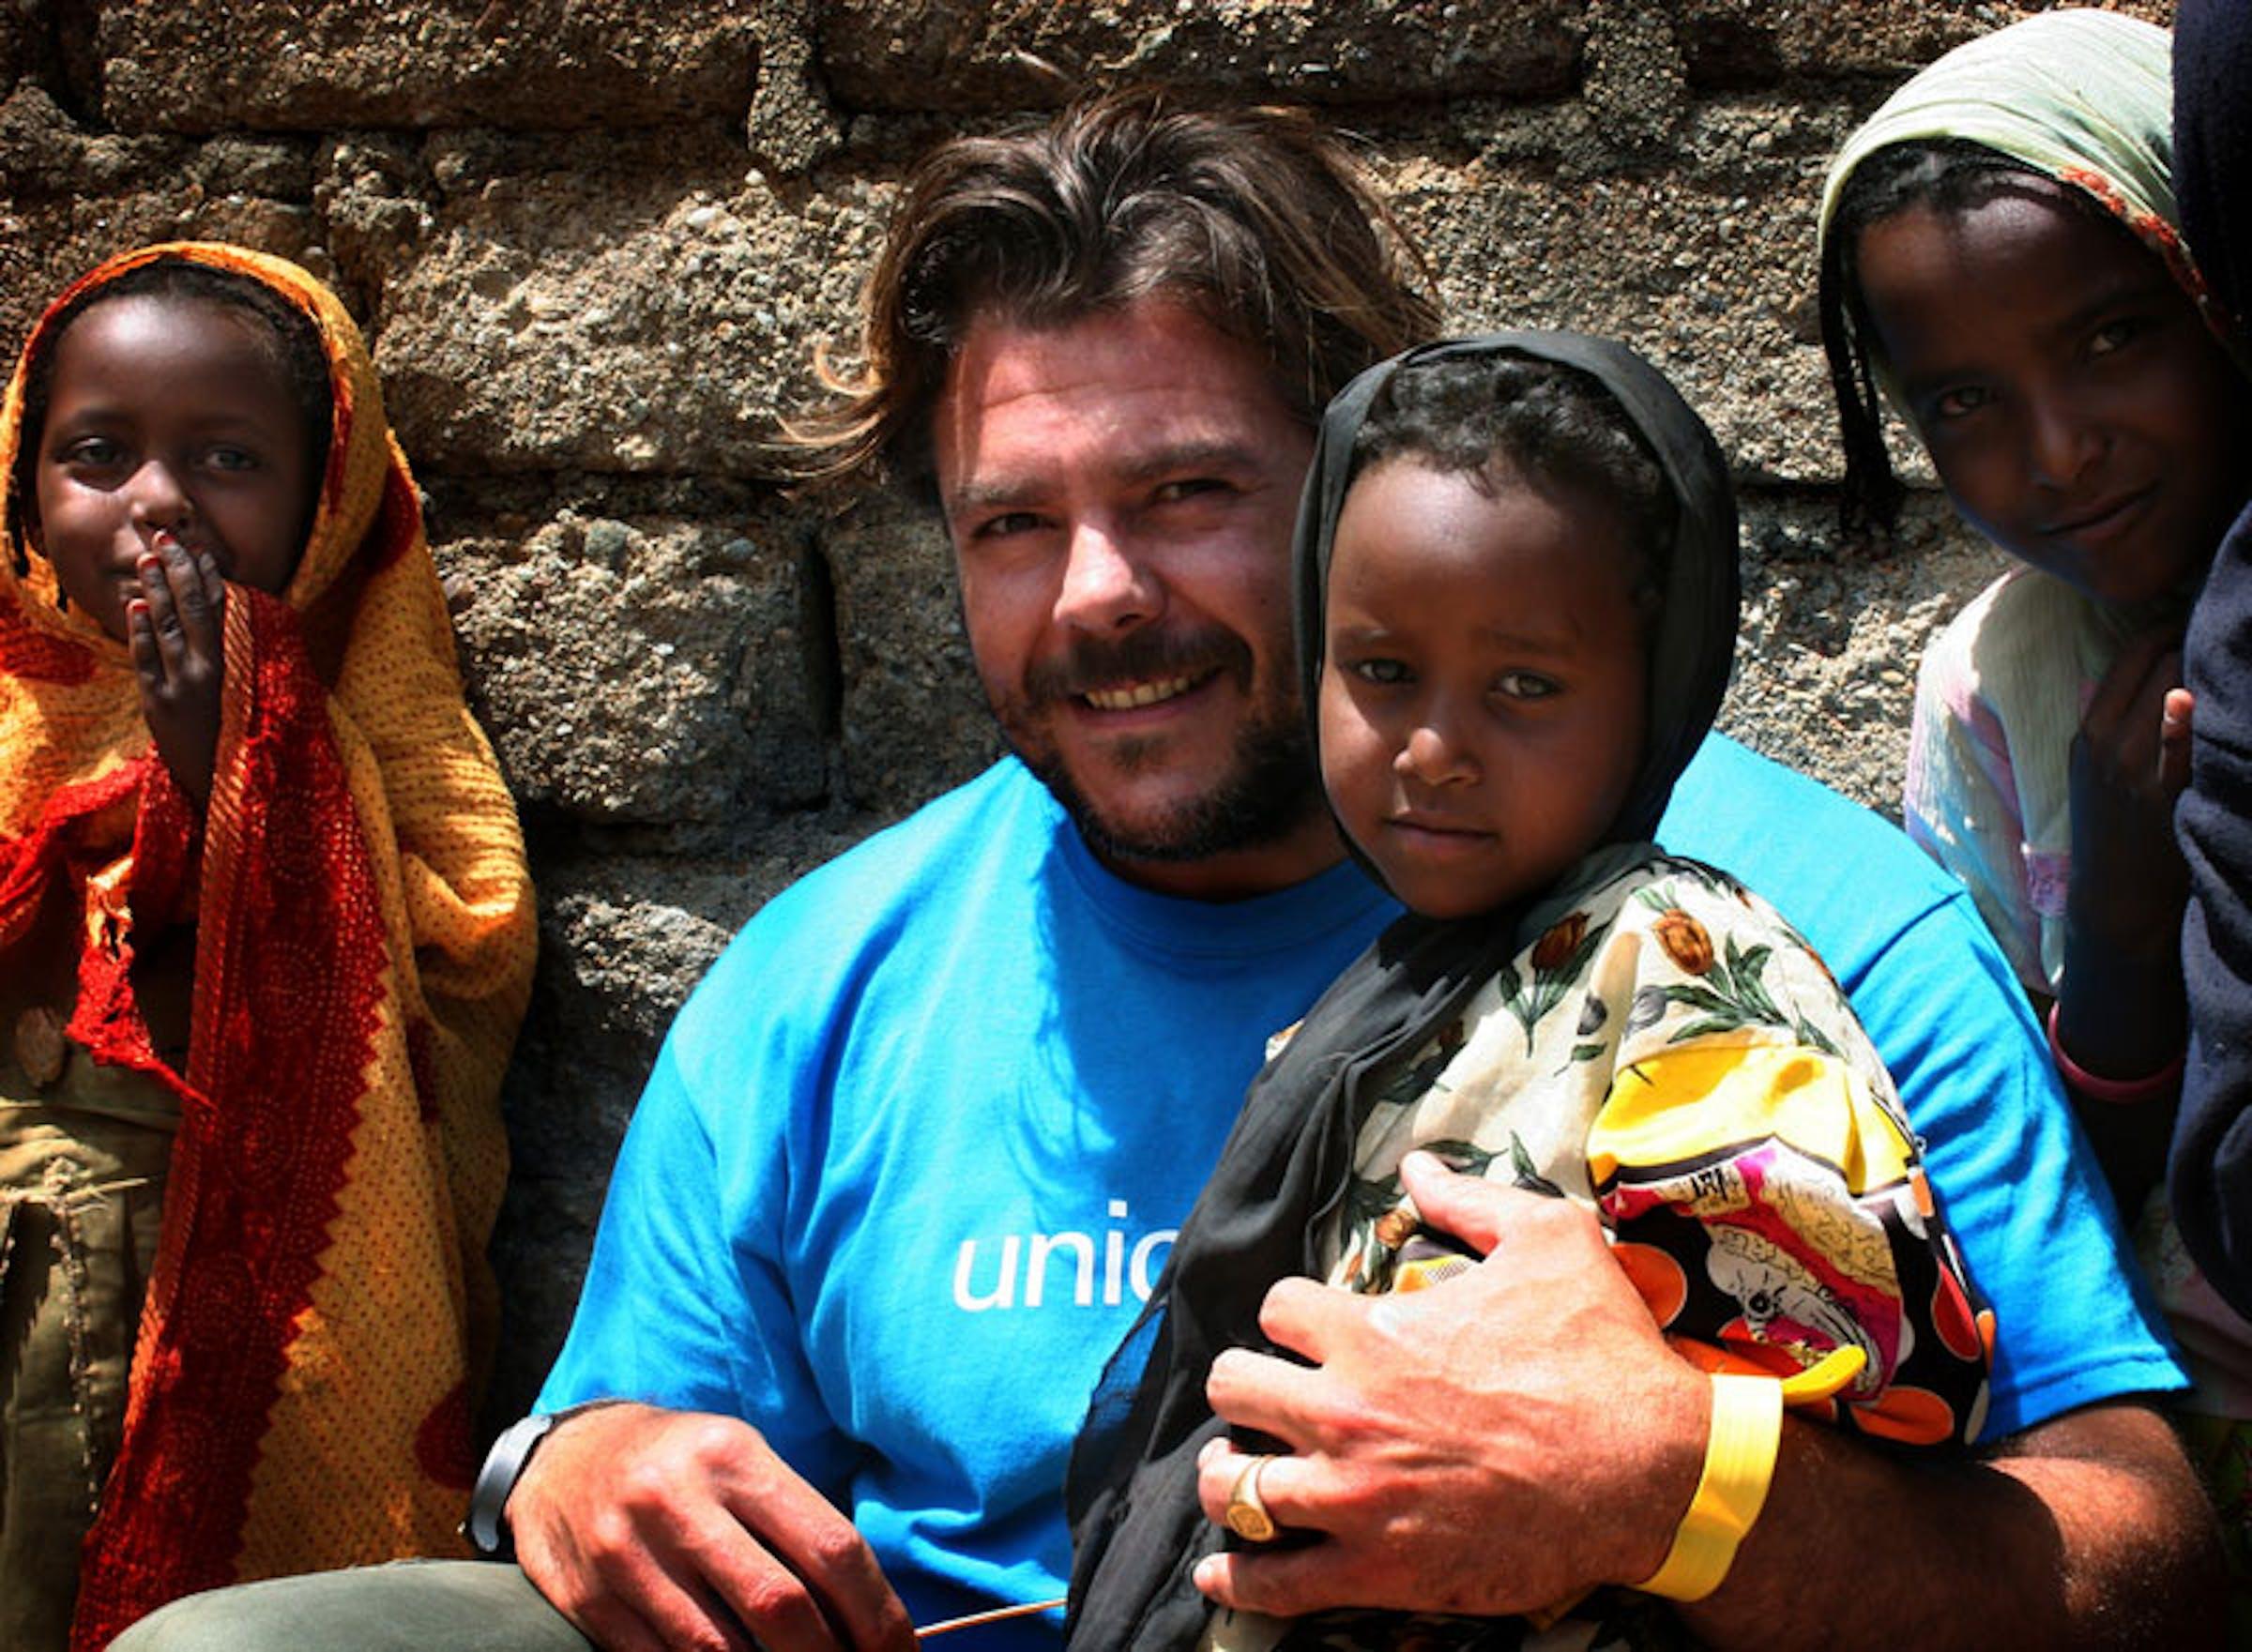 Andrea Lo Cicero, leggendario pilone della Nazionale azzurra di rugby, con un bambino durante la sua recente missione con l'UNICEF in Eritrea - ©UNICEF Italia/2013/Chiara Curto